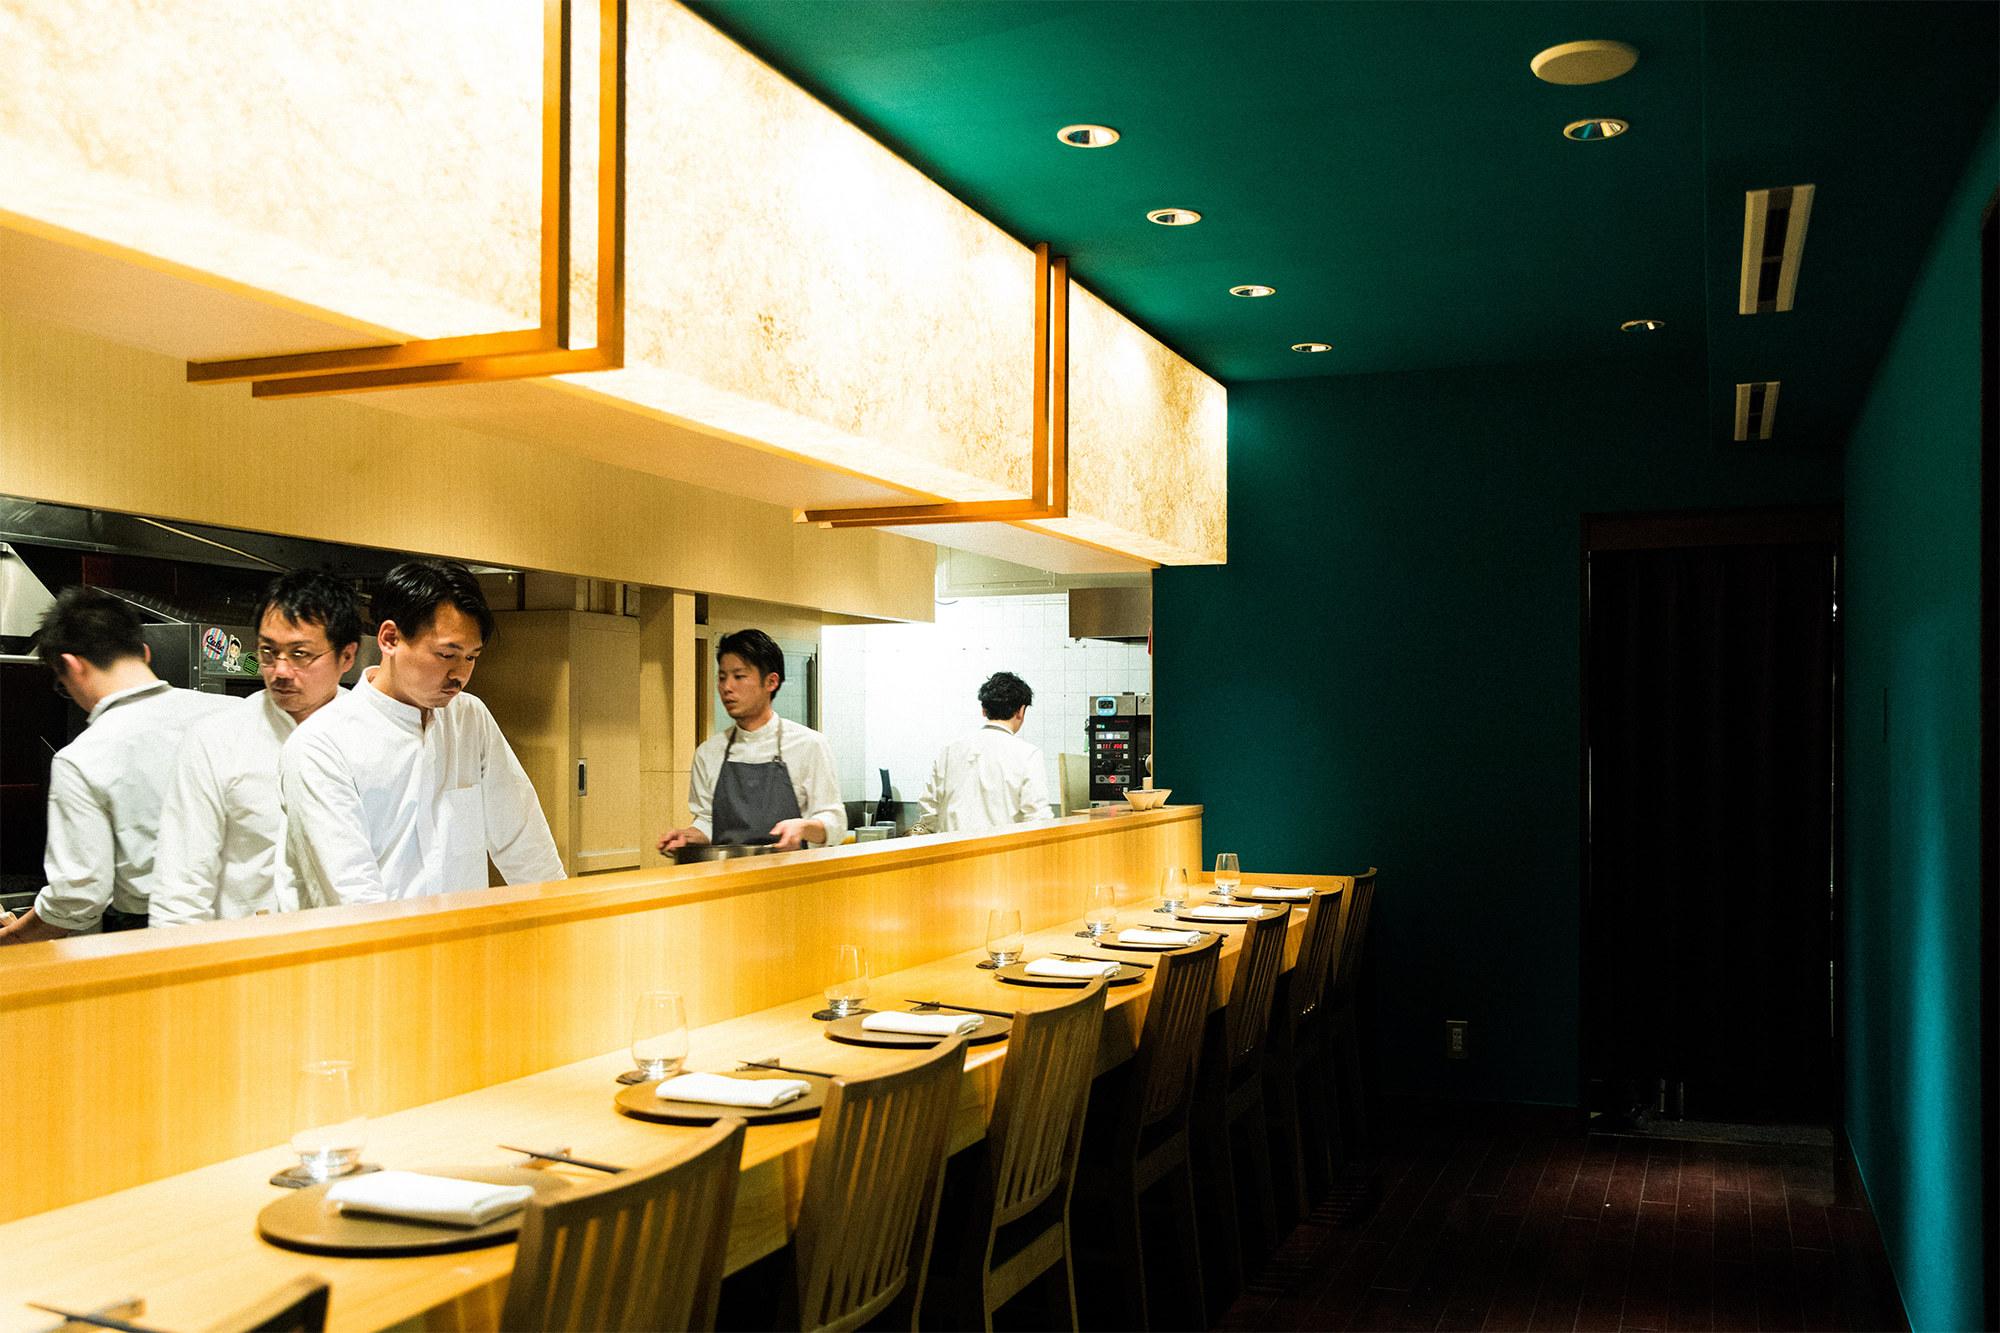 このカウンターを見て、あれ?と思った方も多いだろう。現在は外苑前に移転した長谷川在佑日本料理店「傳(でん)」がかつてあった空間を引き継ぎ、ほぼそのまま利用している。